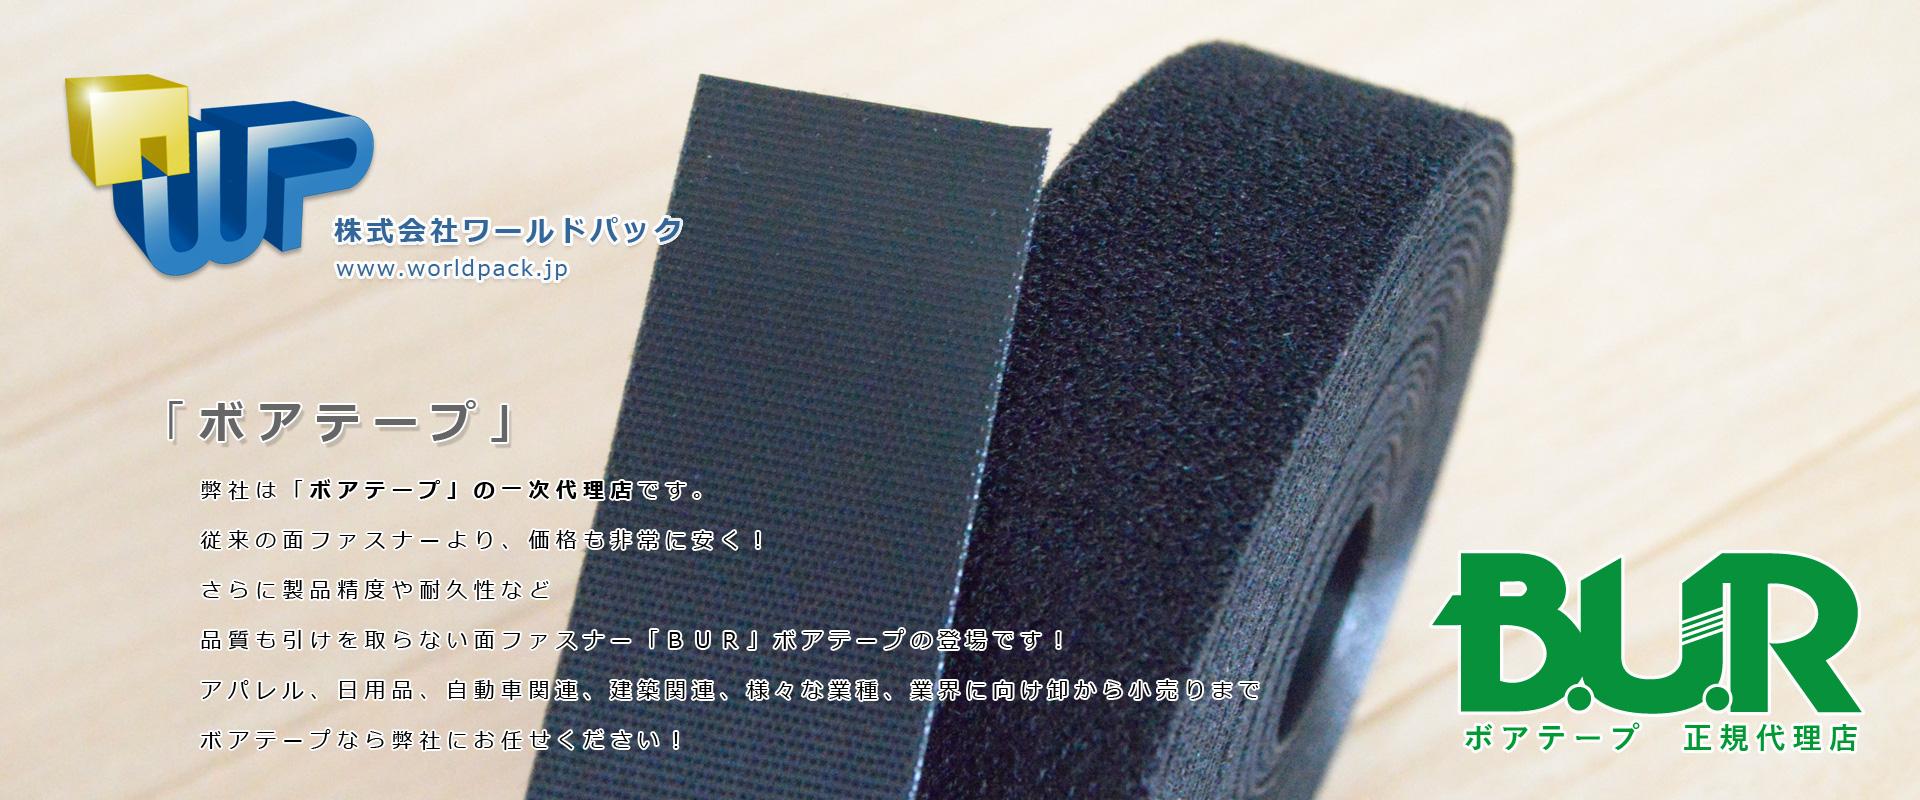 面ファスナー結束バンドなら「ボアテープ 結束バンドタイプ」をご使用ください。 弊社はBUR(ボアテープ)正規代理店です。 株式会社ワールドパック 東京、神奈川、埼玉、千葉、茨城、群馬、栃木